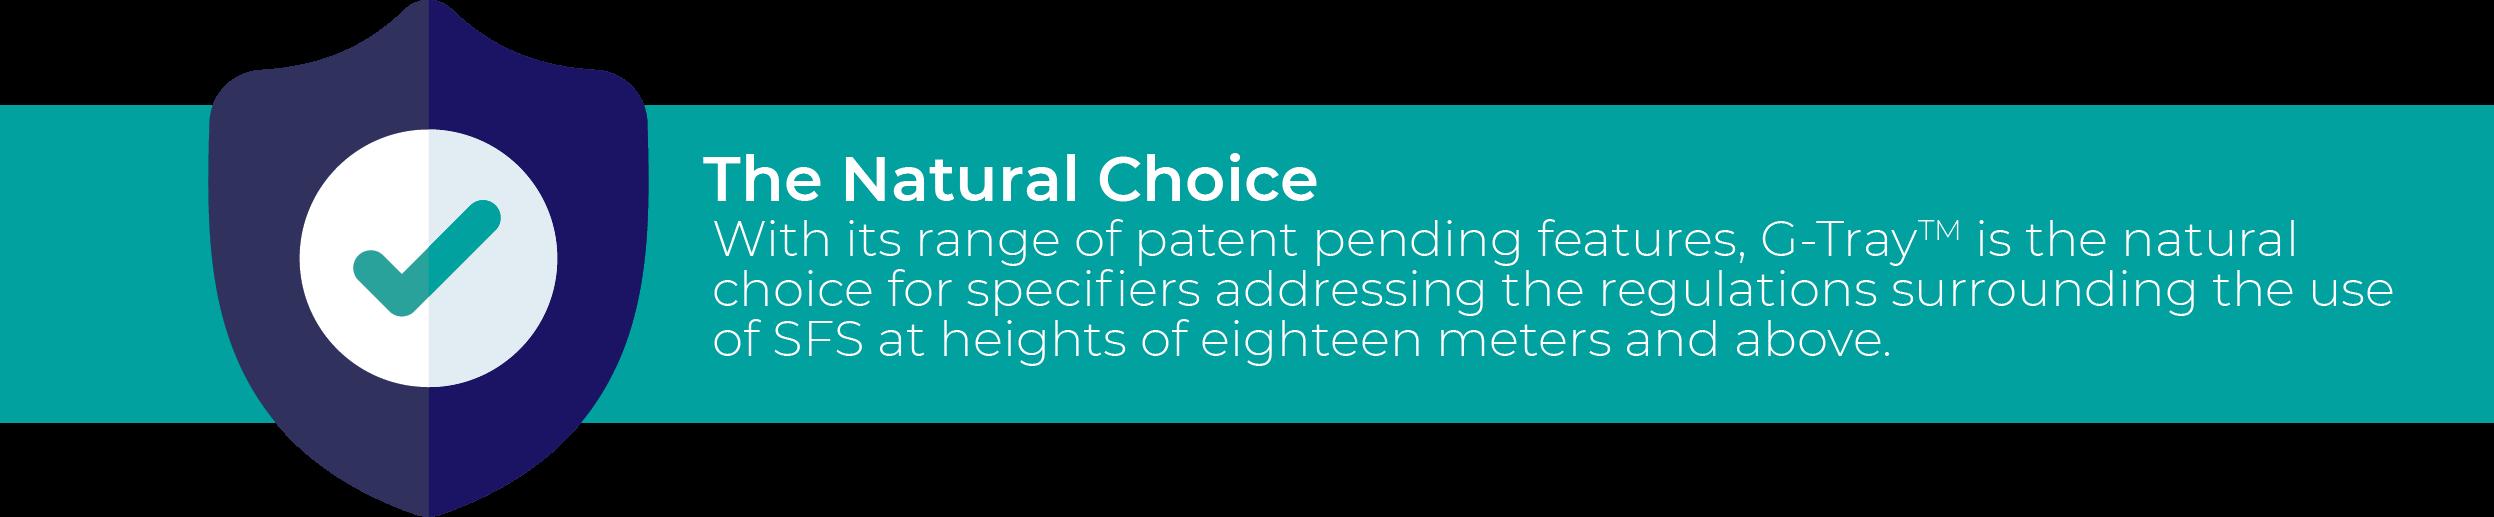 G-Tray the natural choice